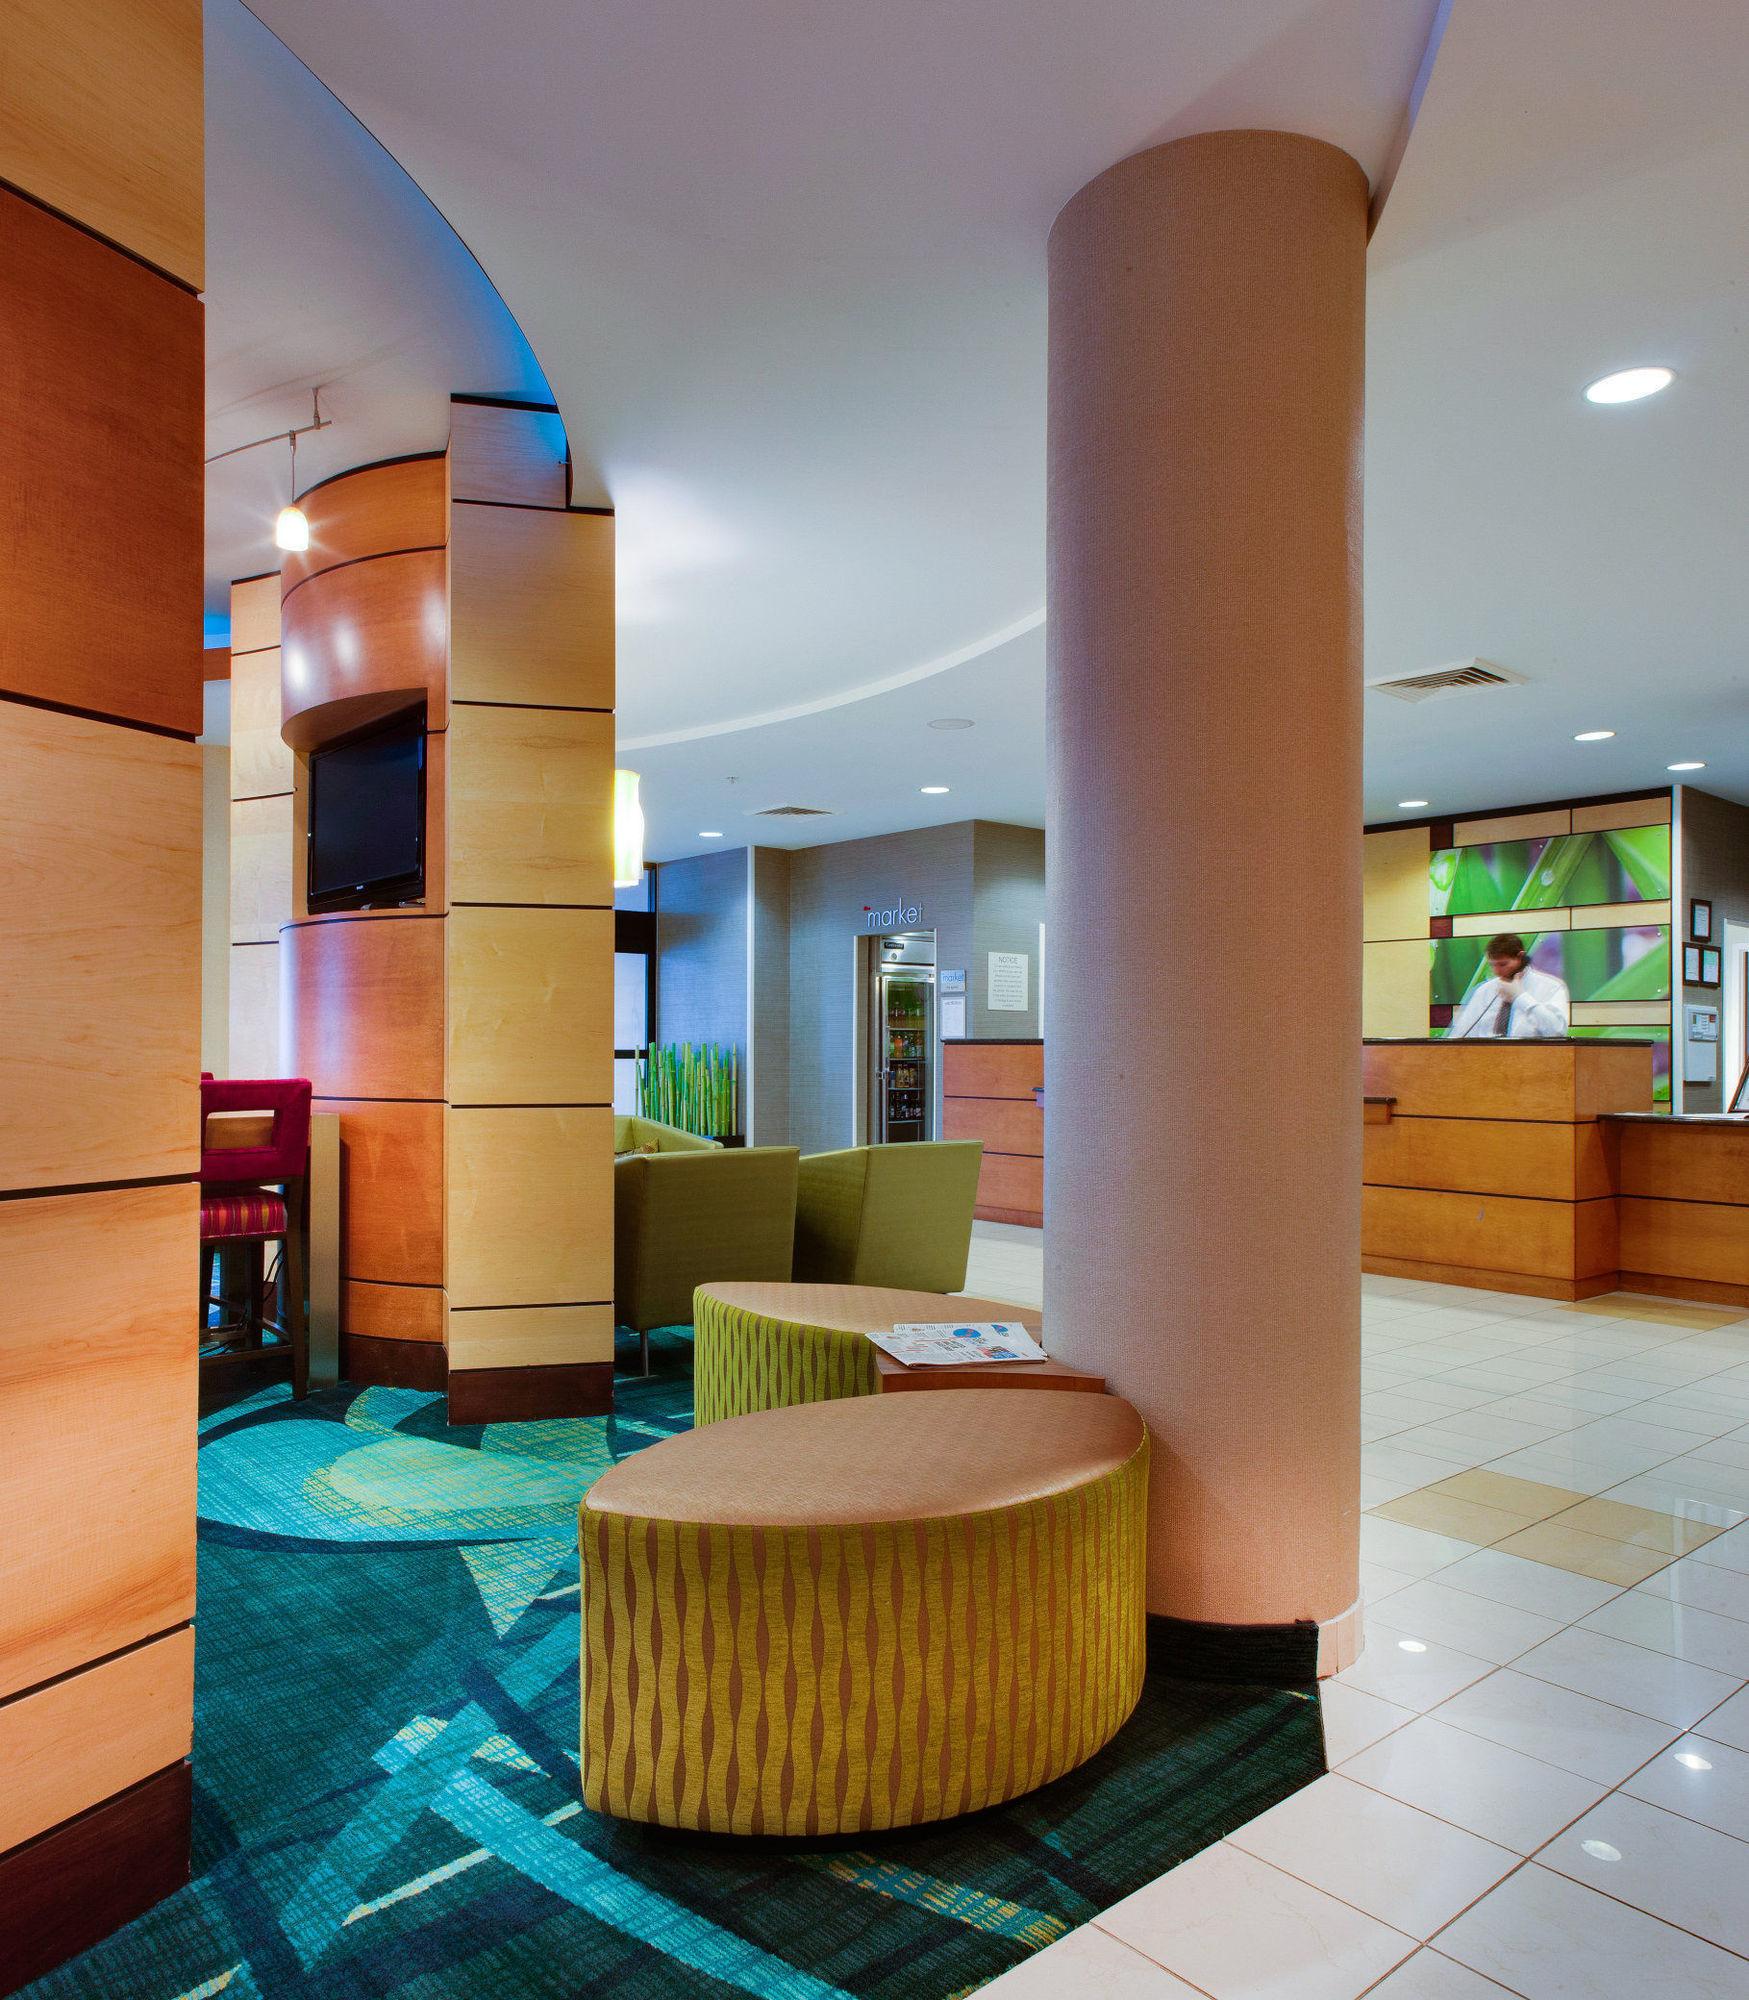 SpringHill Suites by Marriott Savannah Airport in Savannah, GA